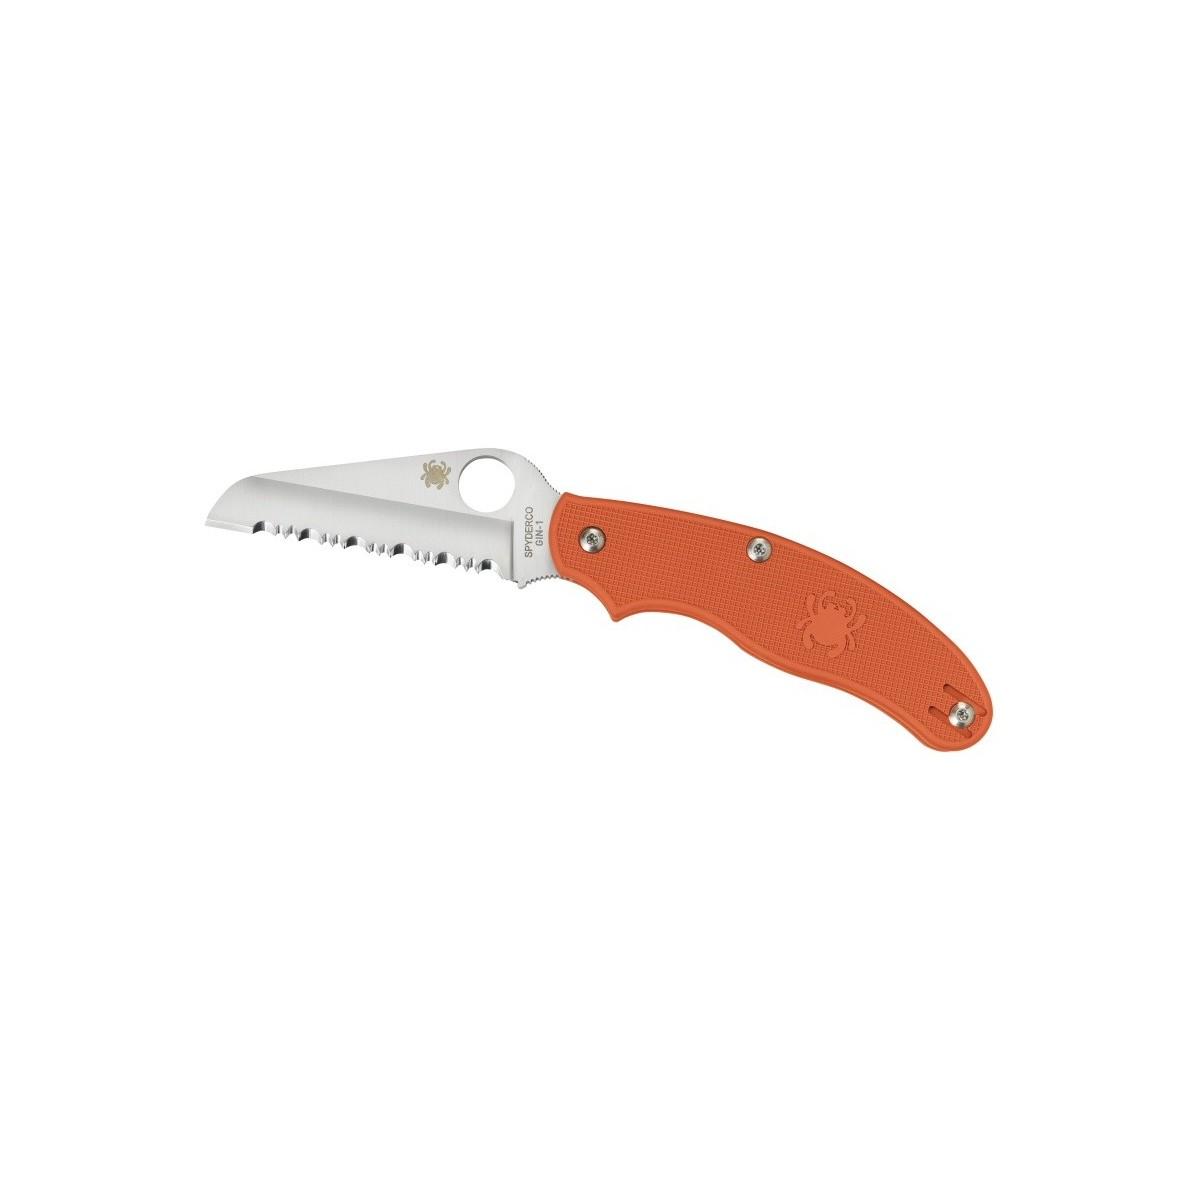 มีดพับ Spyderco C94SOR2 UK Penknife Rescue, Orange FRN, Sheepsfoot SpyderEdge